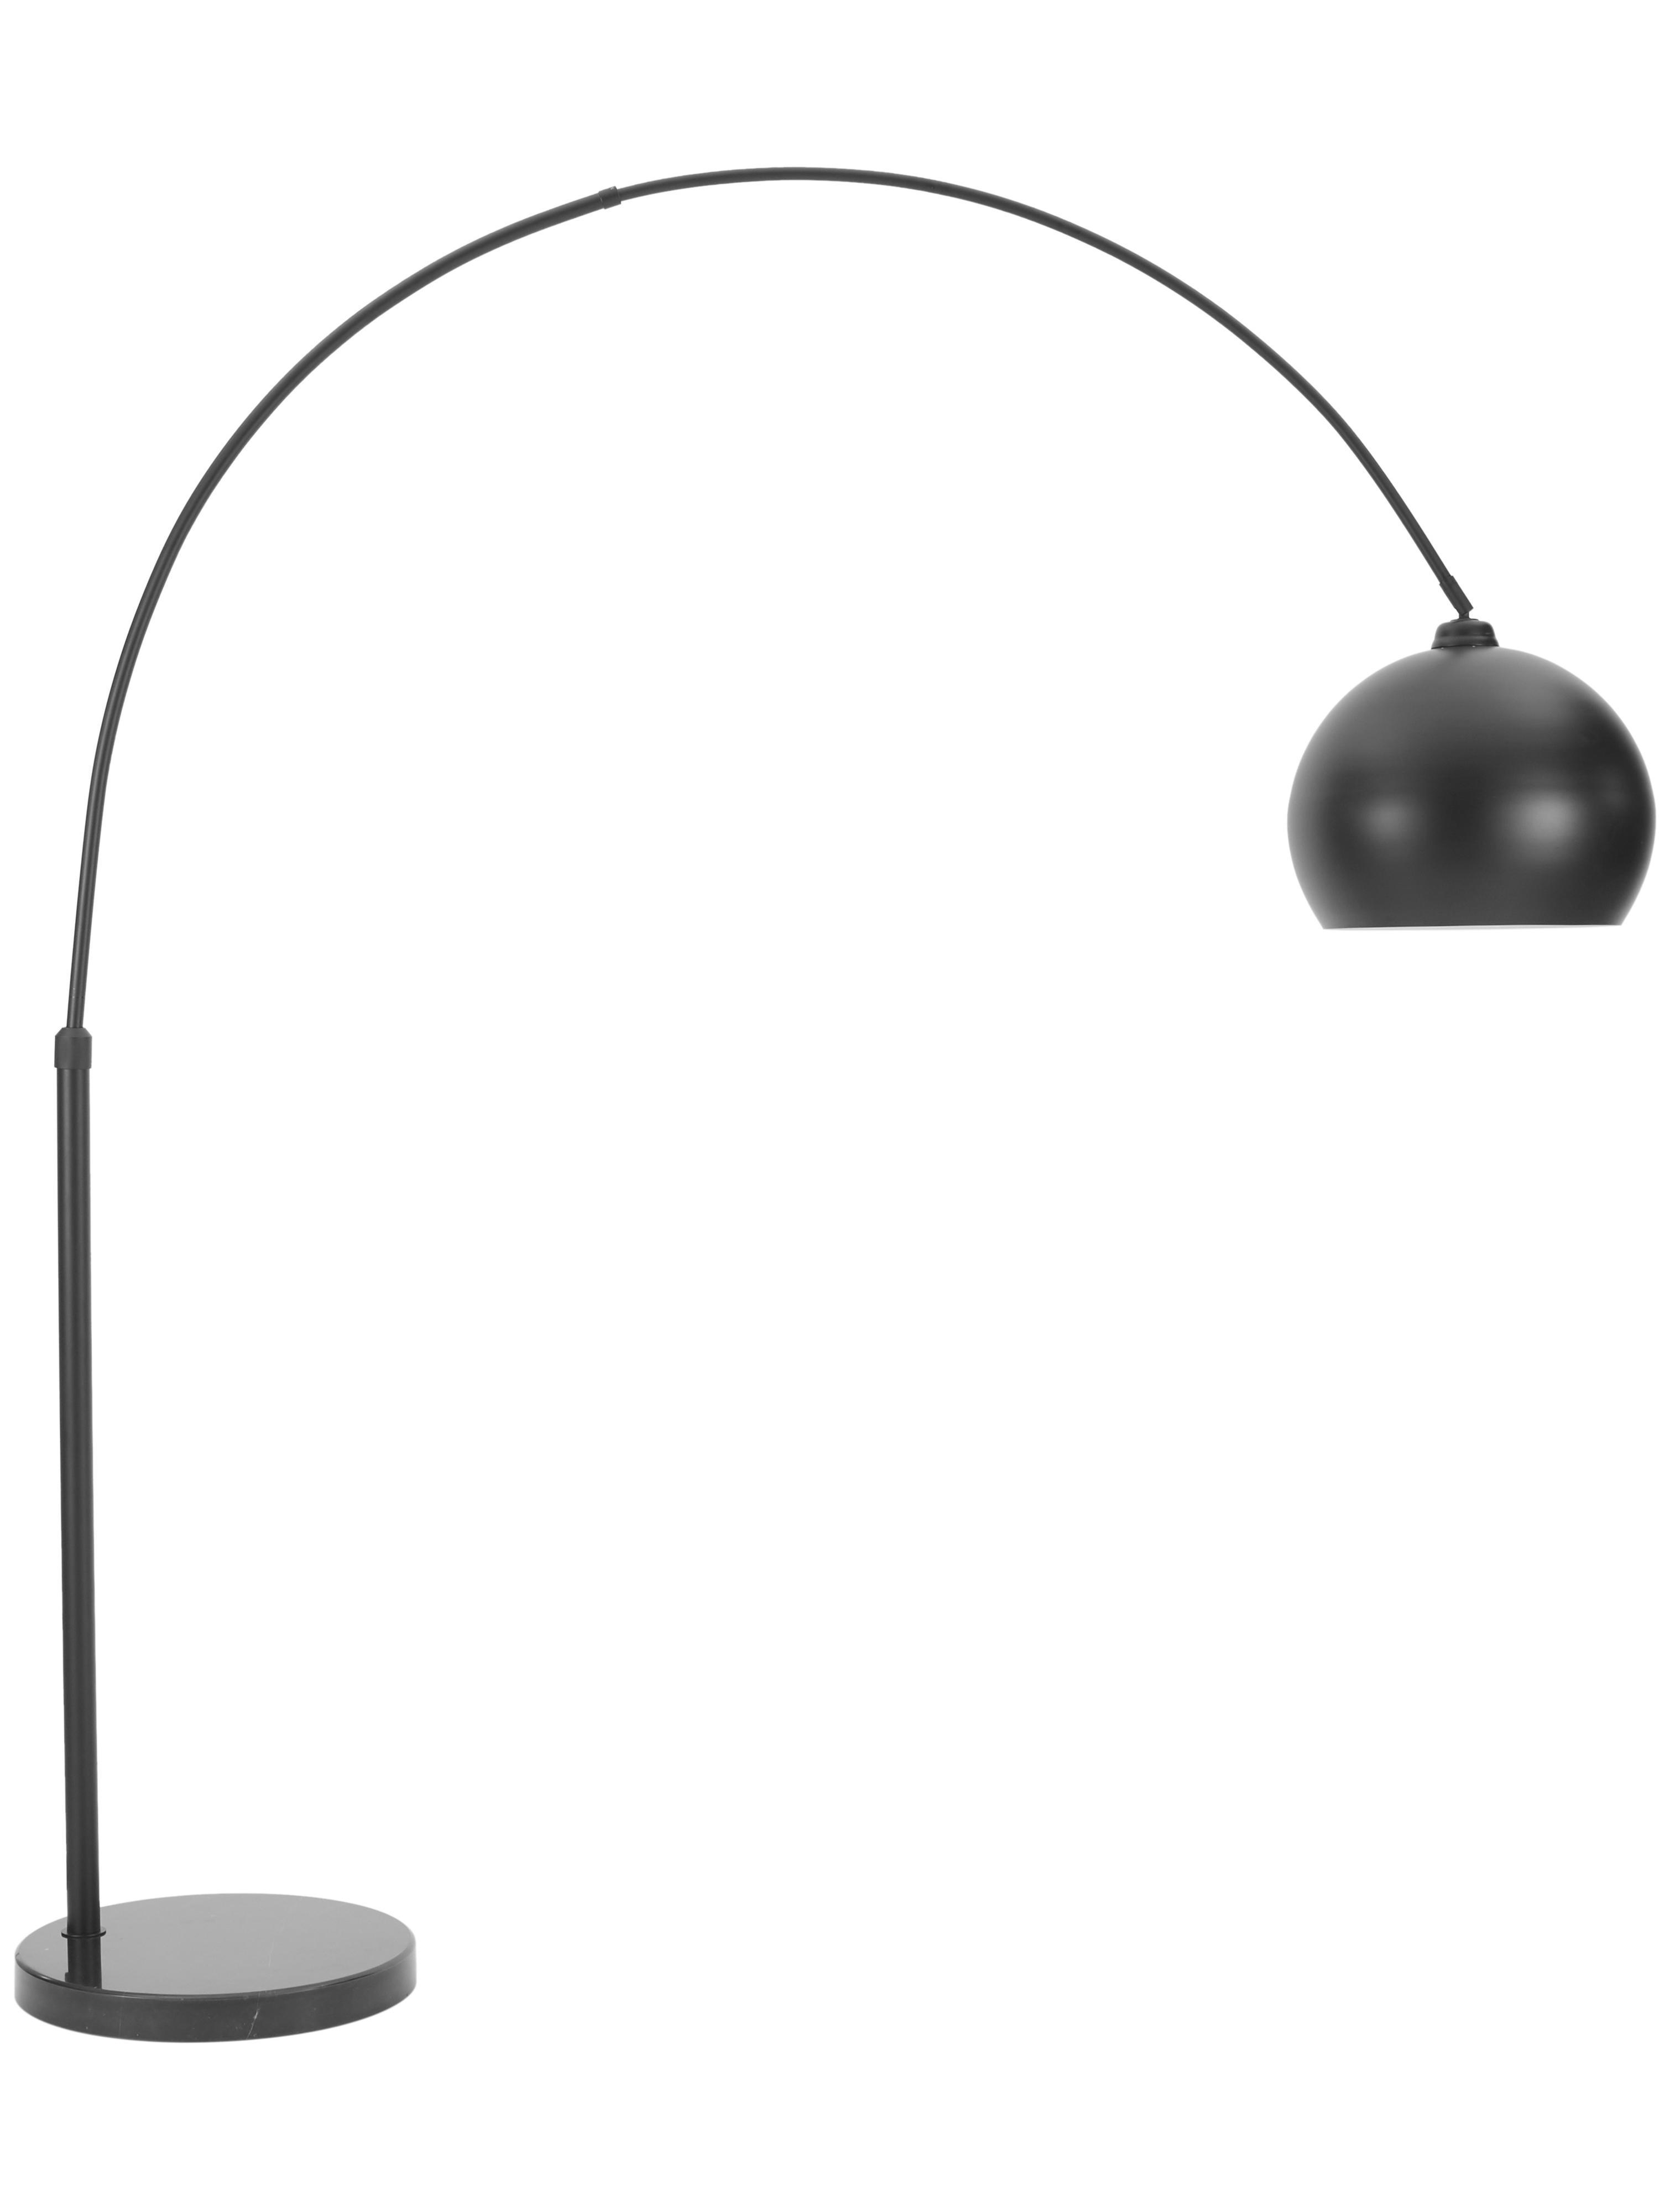 Booglamp Toronto met marmeren voet, Lampenkap: gepoedercoat metaal, Lampvoet: marmer, Frame: gepoedercoat metaal, Zwart, 190 x 198 cm